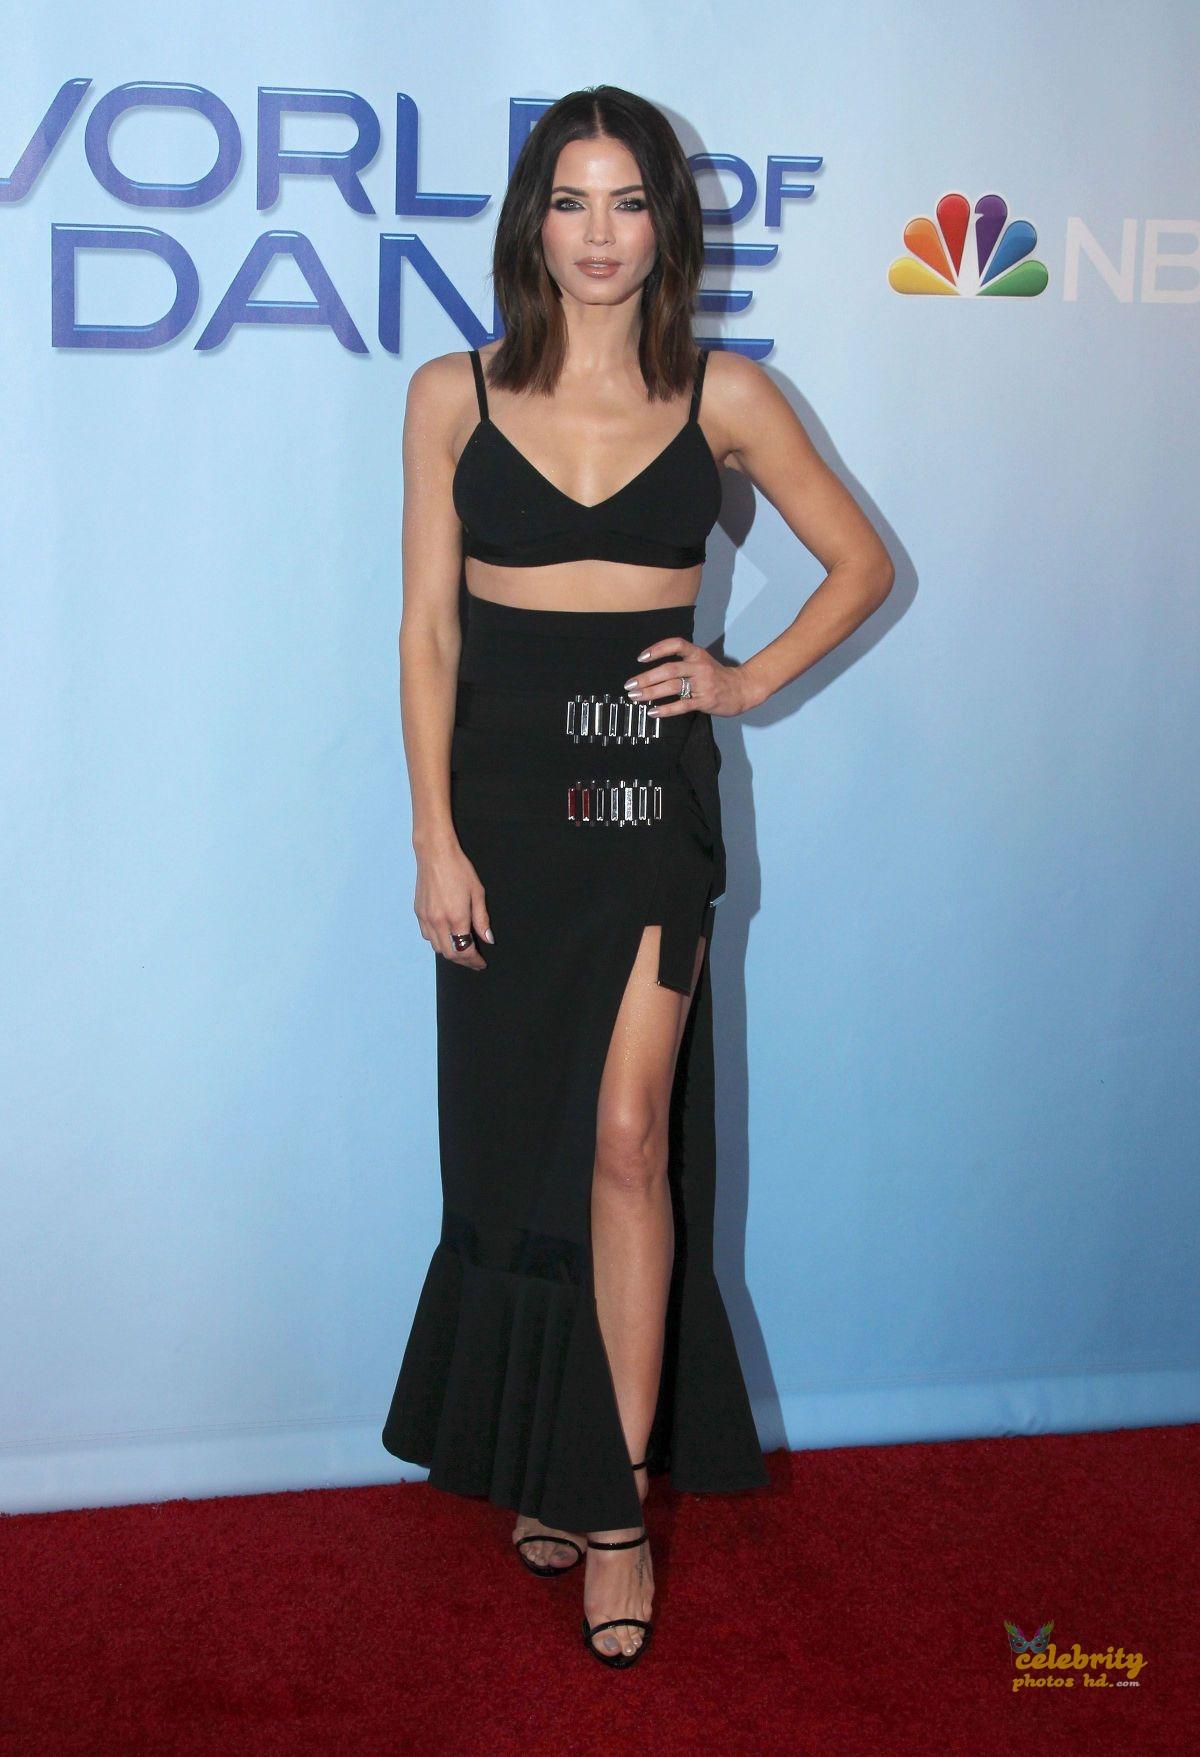 JENNA DEWAN at World of Dance TV Show Premiere Photo's (6)